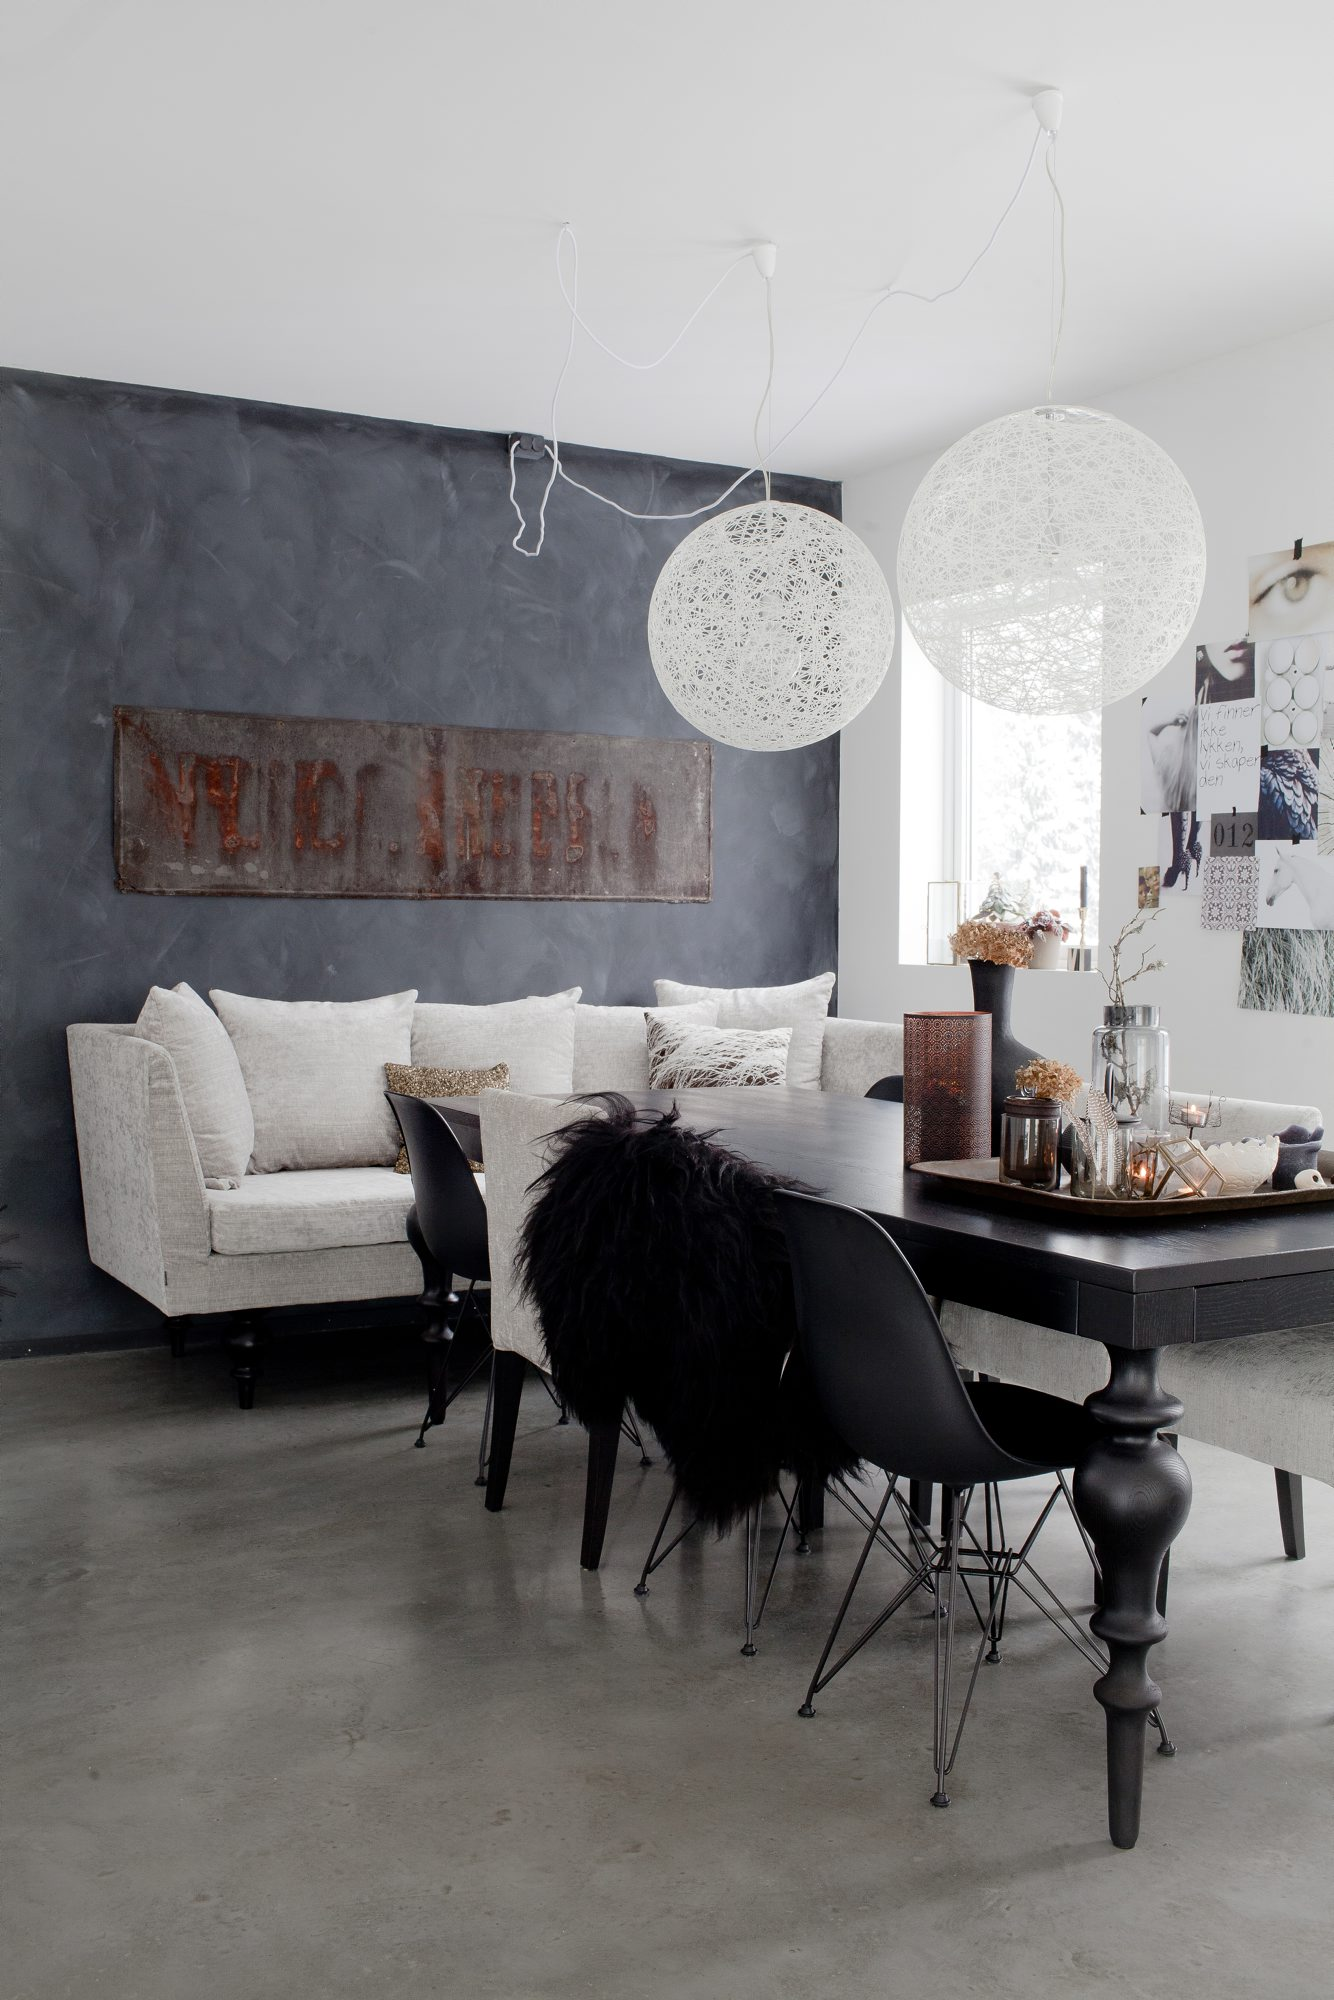 Slik bor den norske designeren – rom123